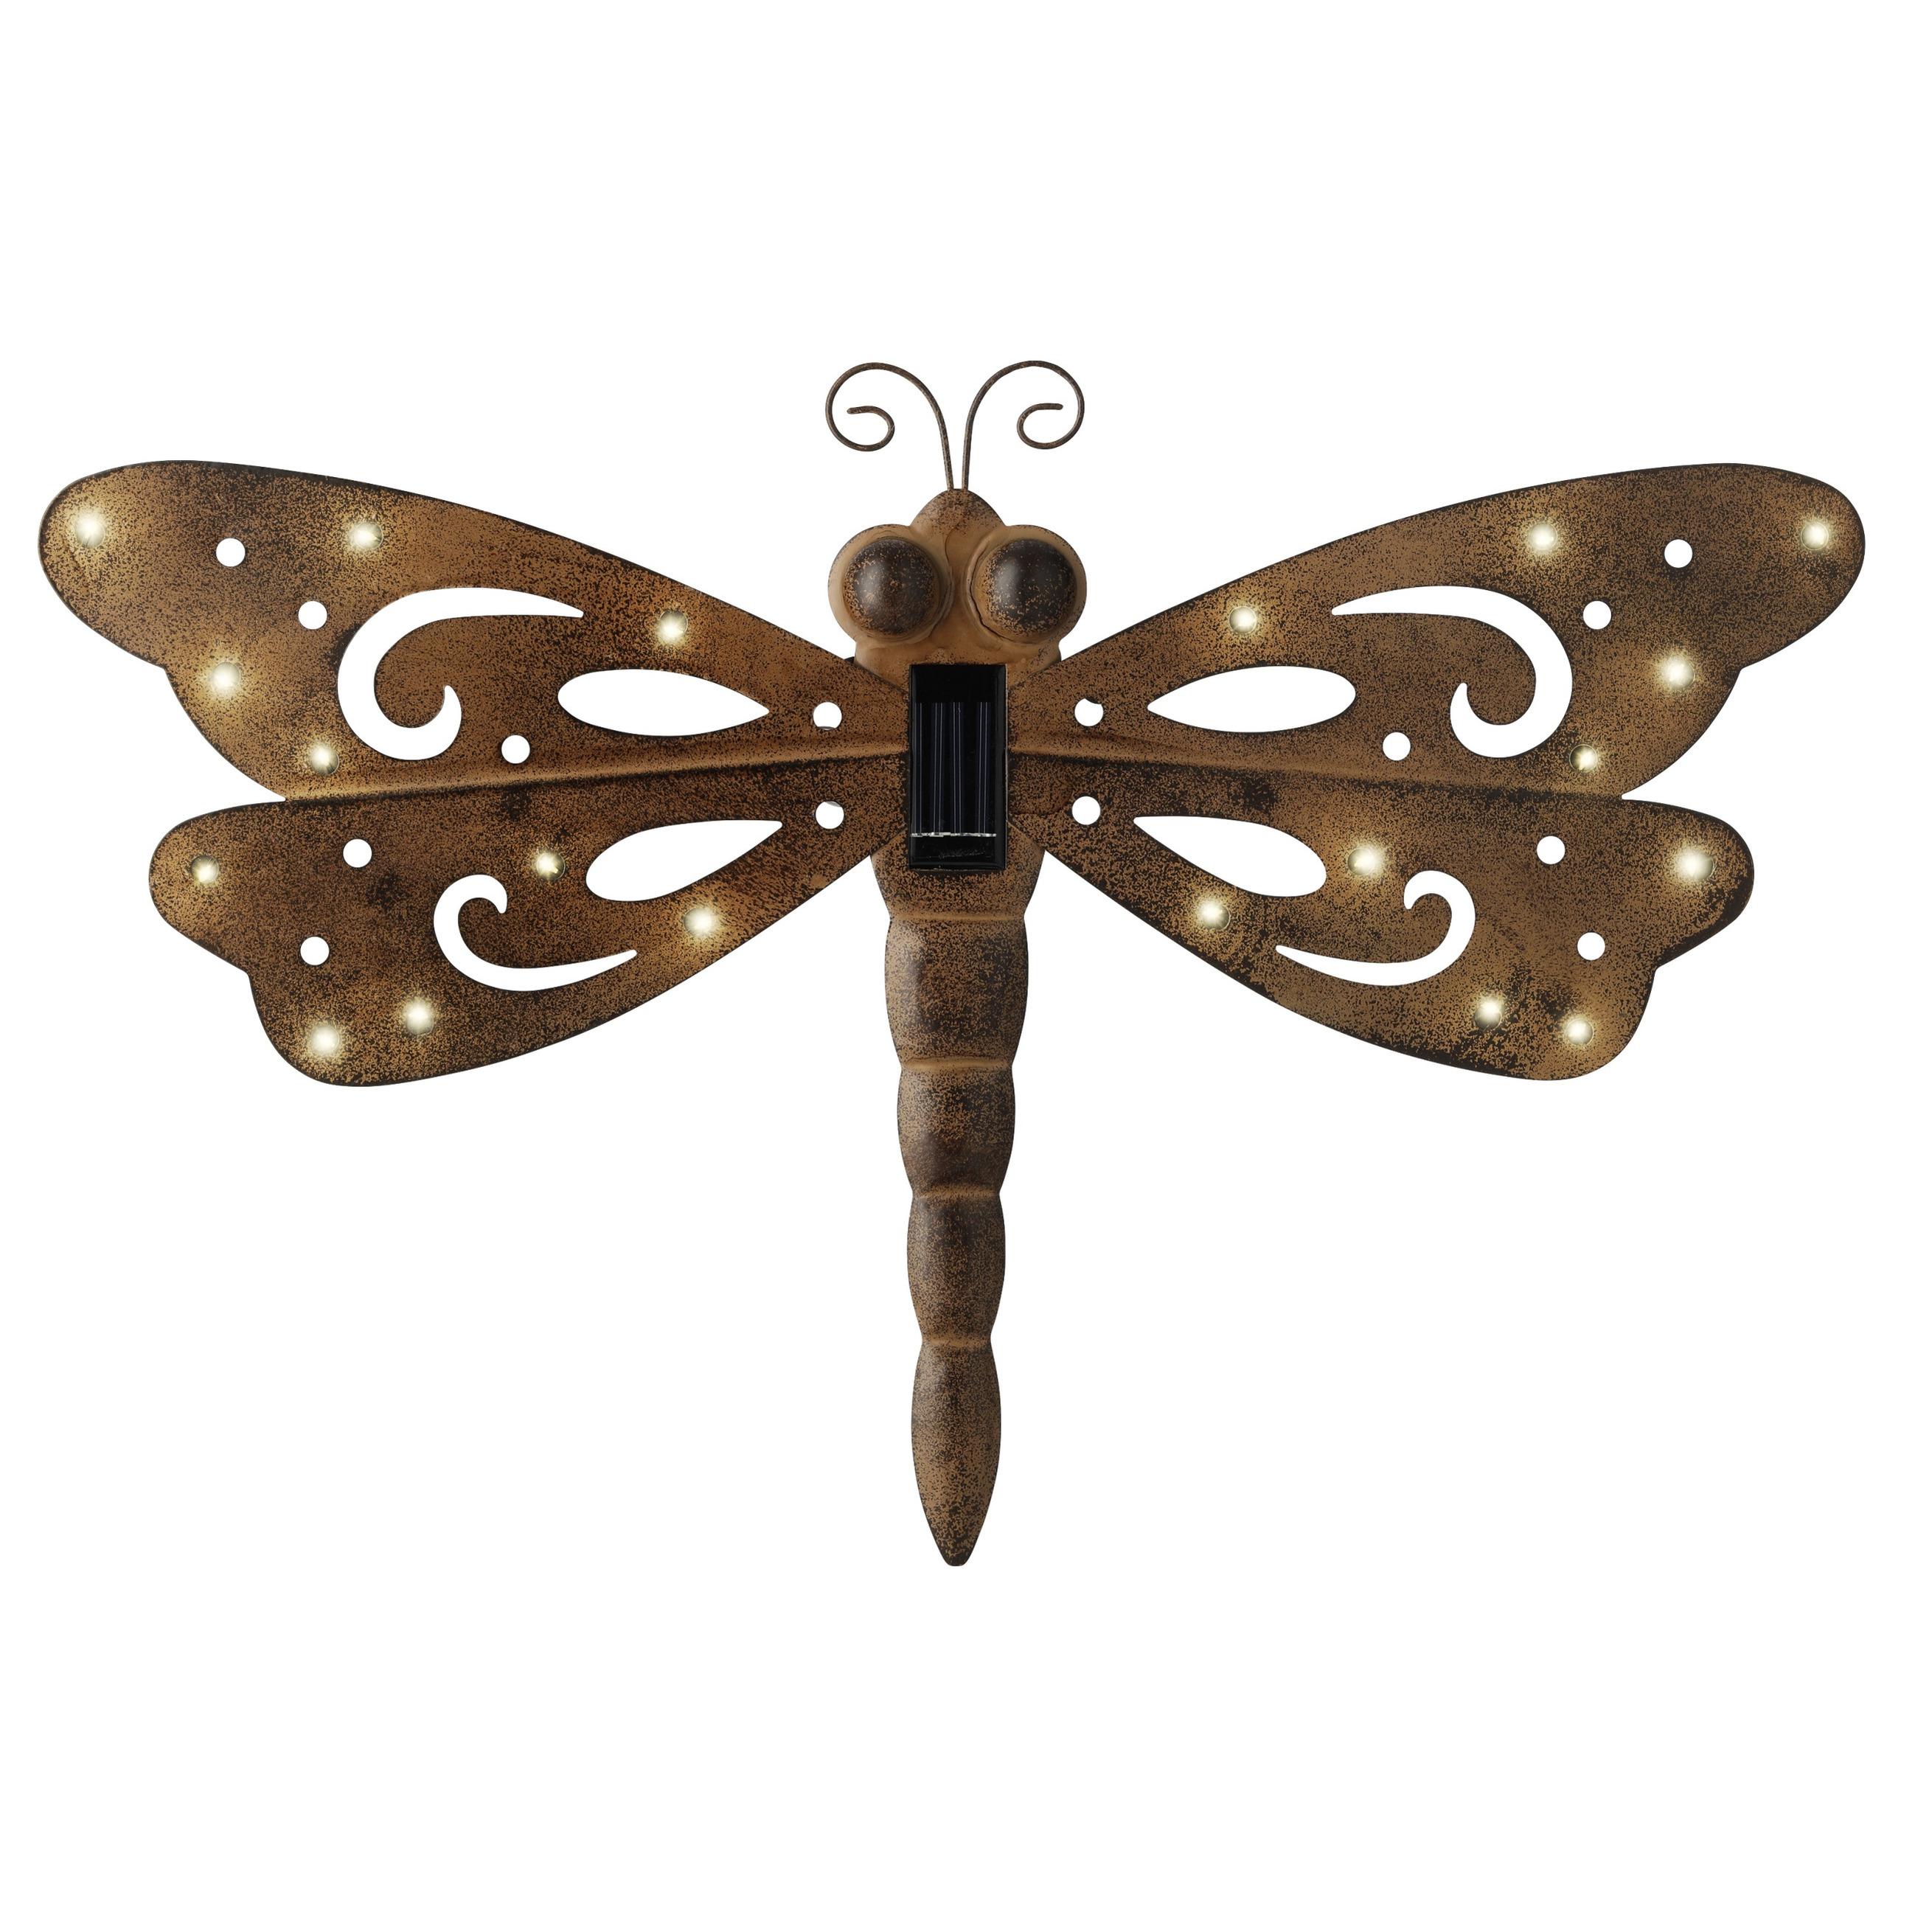 IJzeren decoratie libelle met solar verlichting 53 x 35 cm